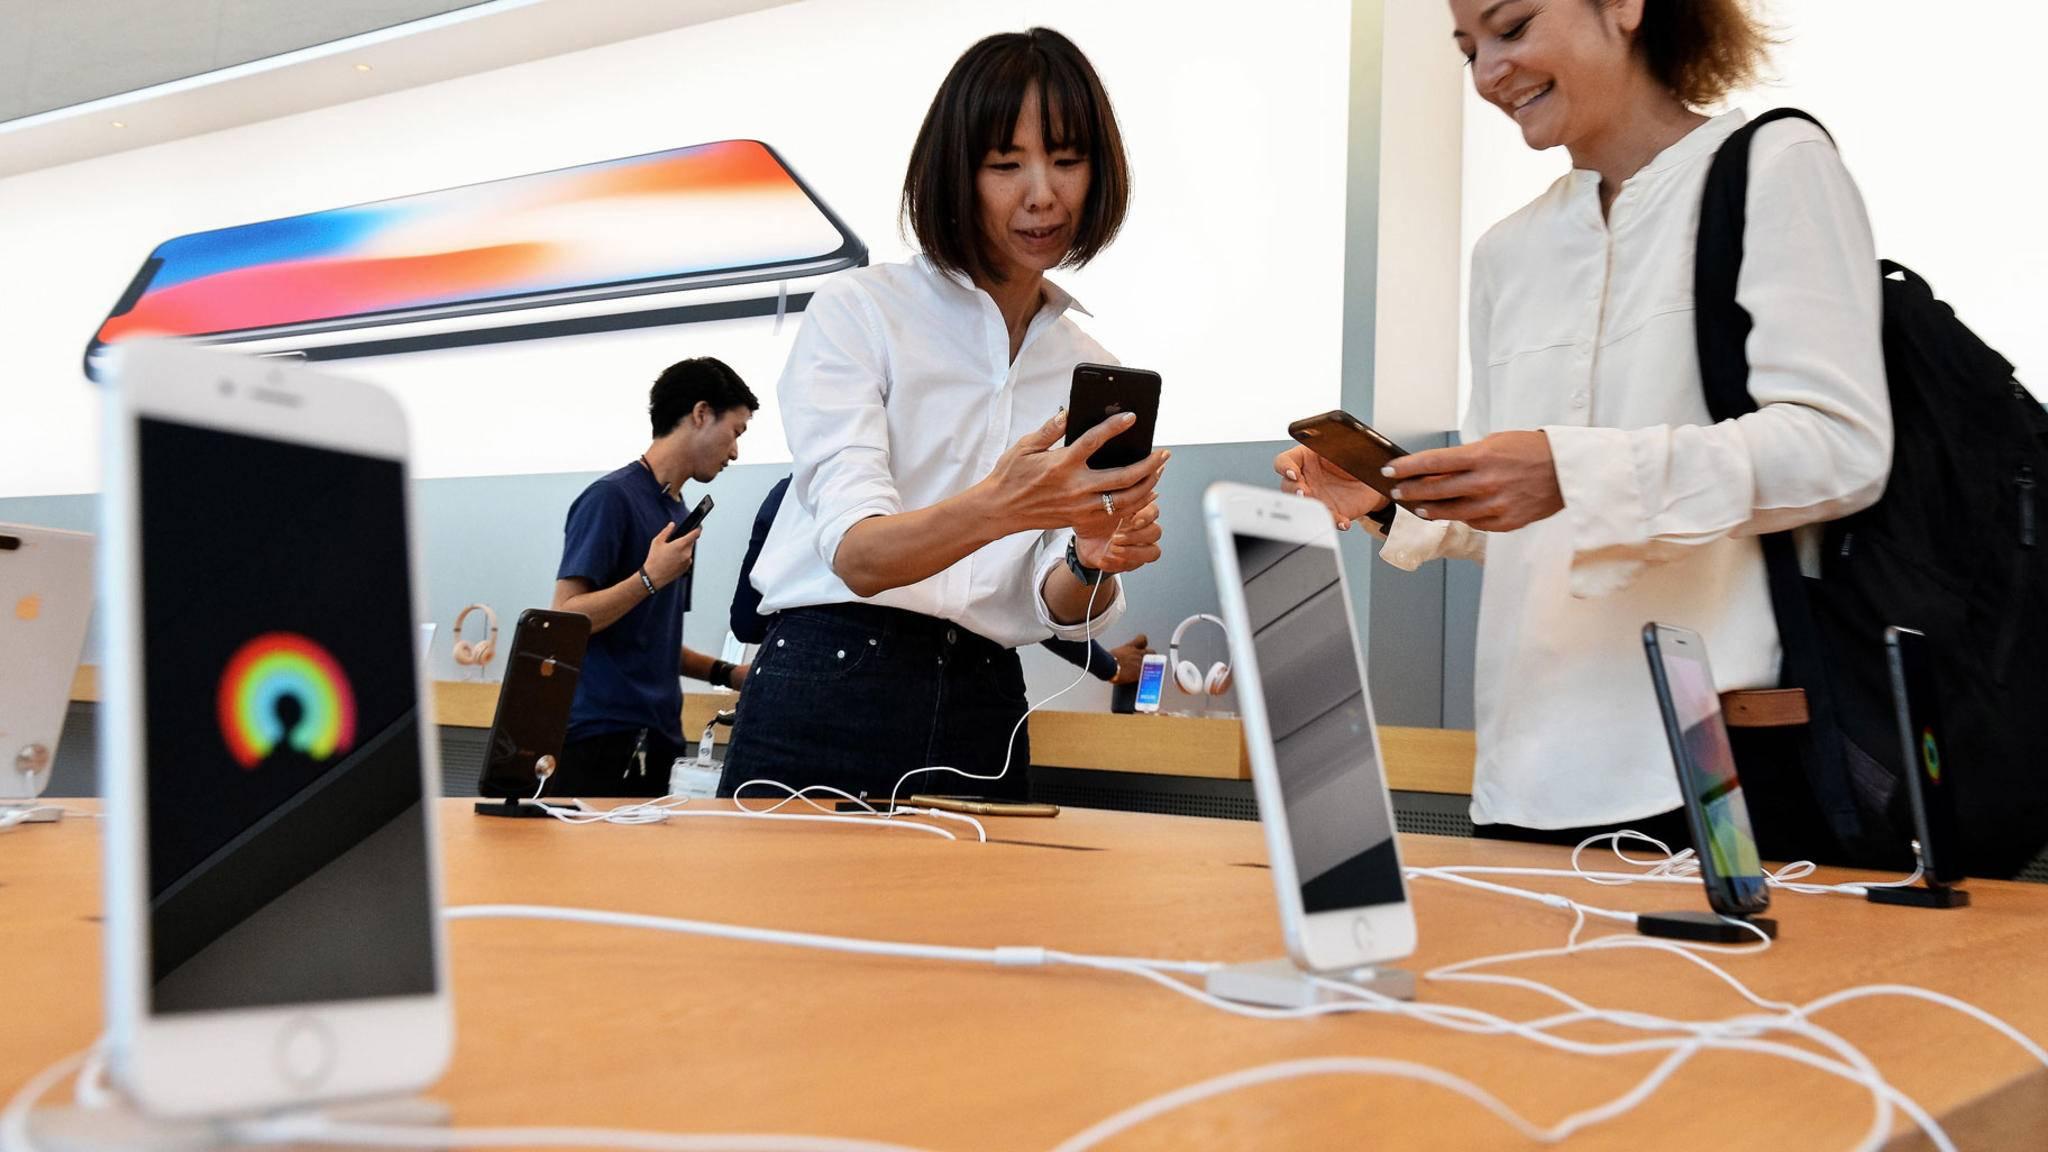 Der Andrang auf das iPhone 8 hält sich in Grenzen.